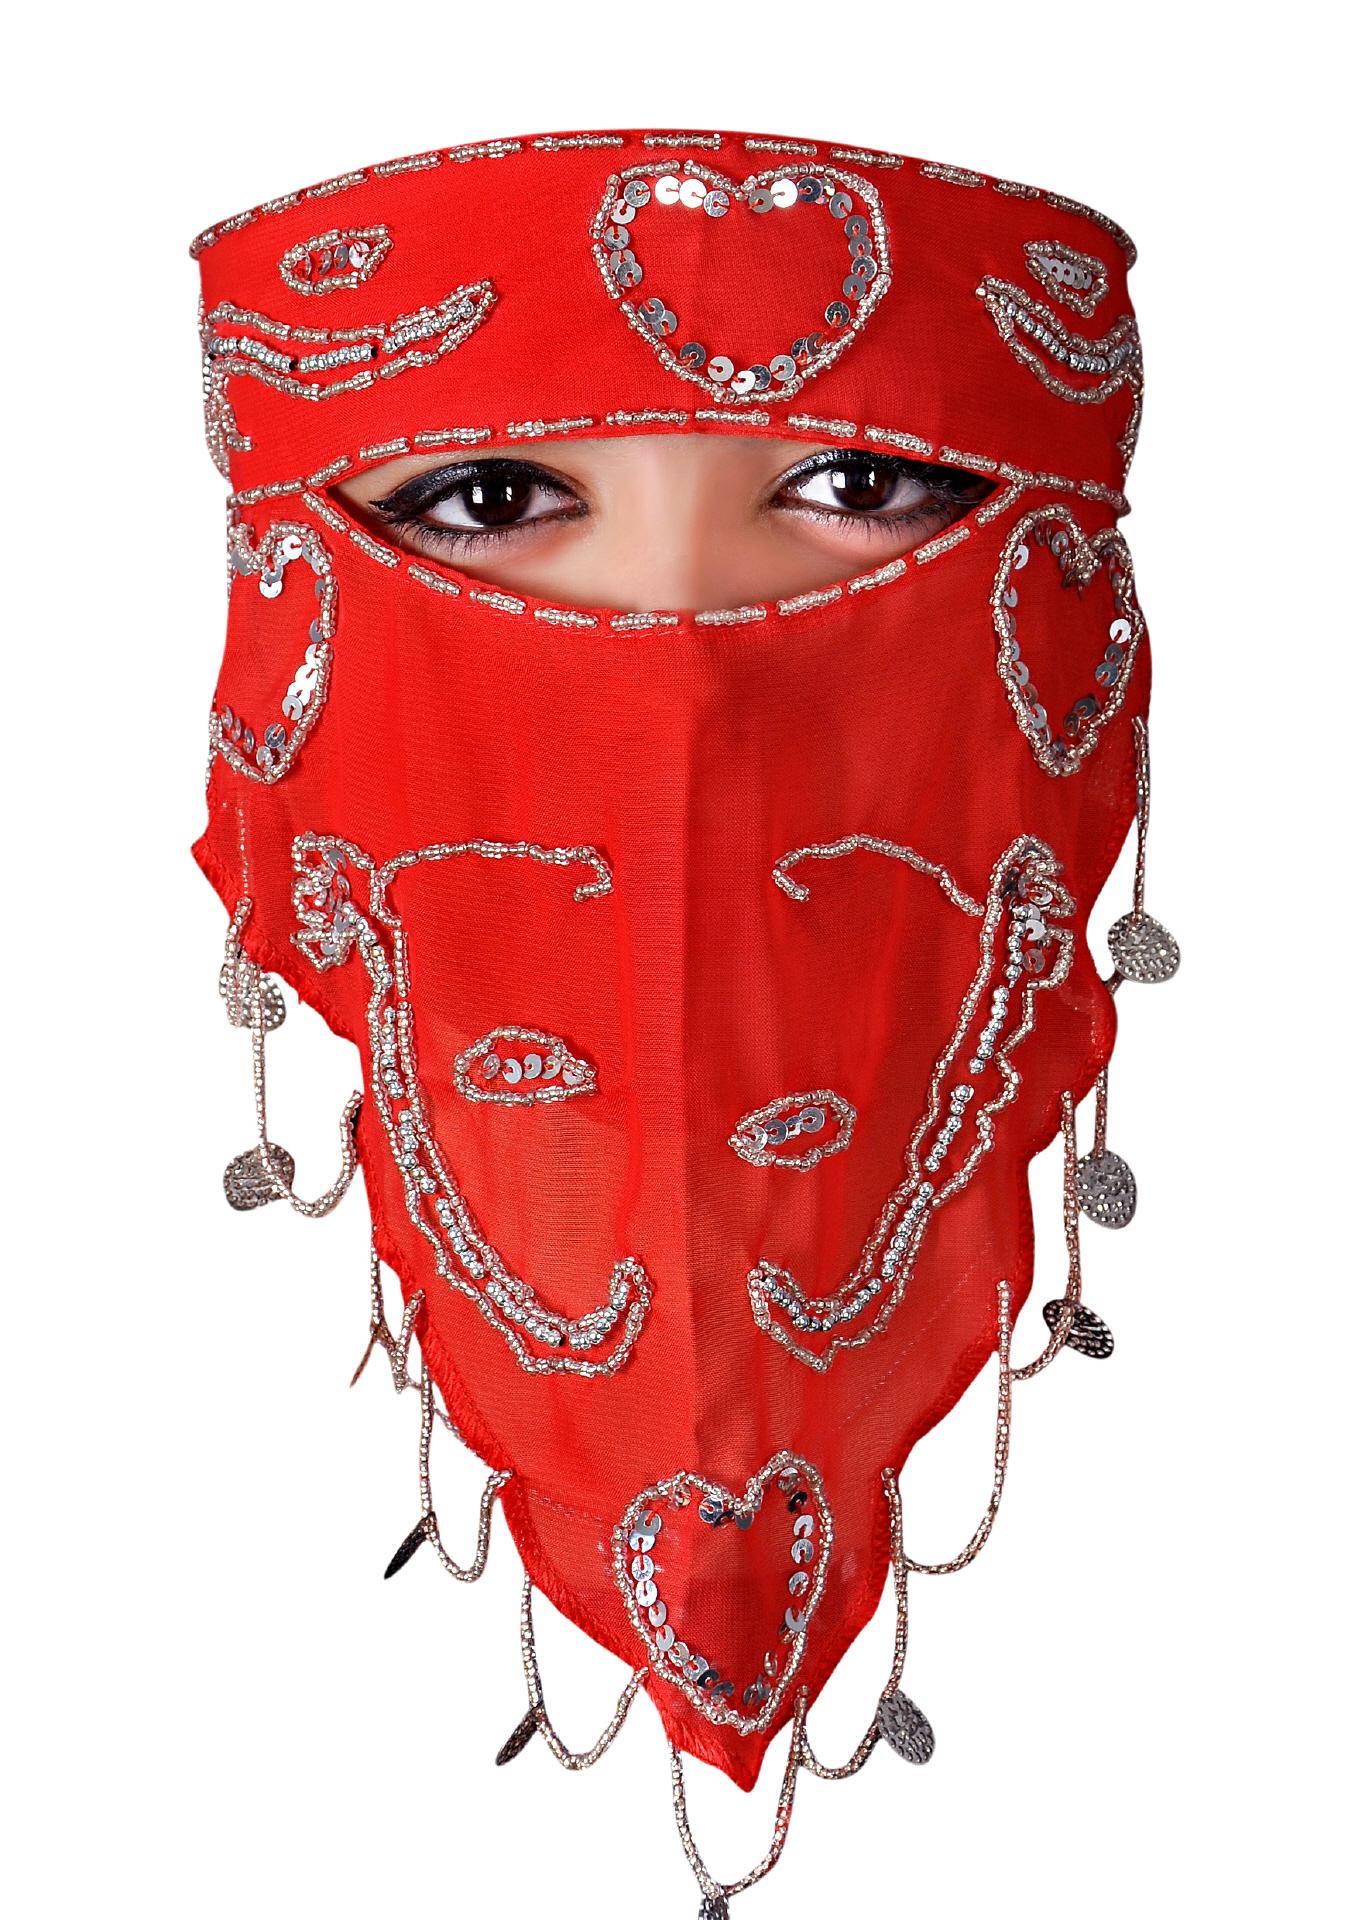 Beduinen-Maske